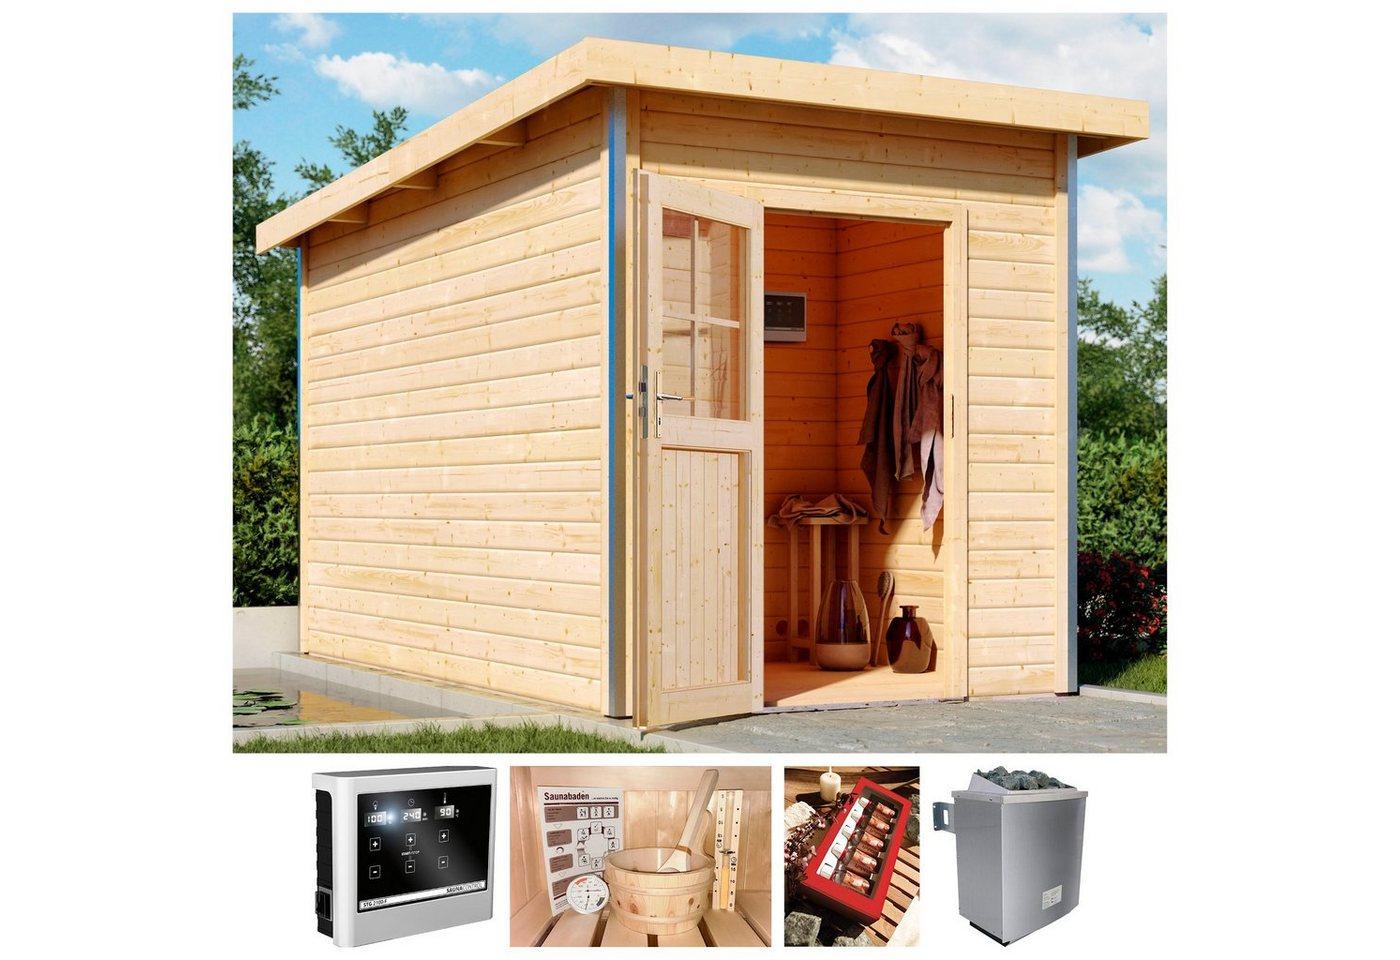 KARIBU Saunahaus »Klaas 2«, 196x363x229 cm, 38 mm, 9 kW-Ofen mit ext. Steuerung | Baumarkt > Bad und Sanitär > Sauna und Zubehör | Massivholz | Karibu